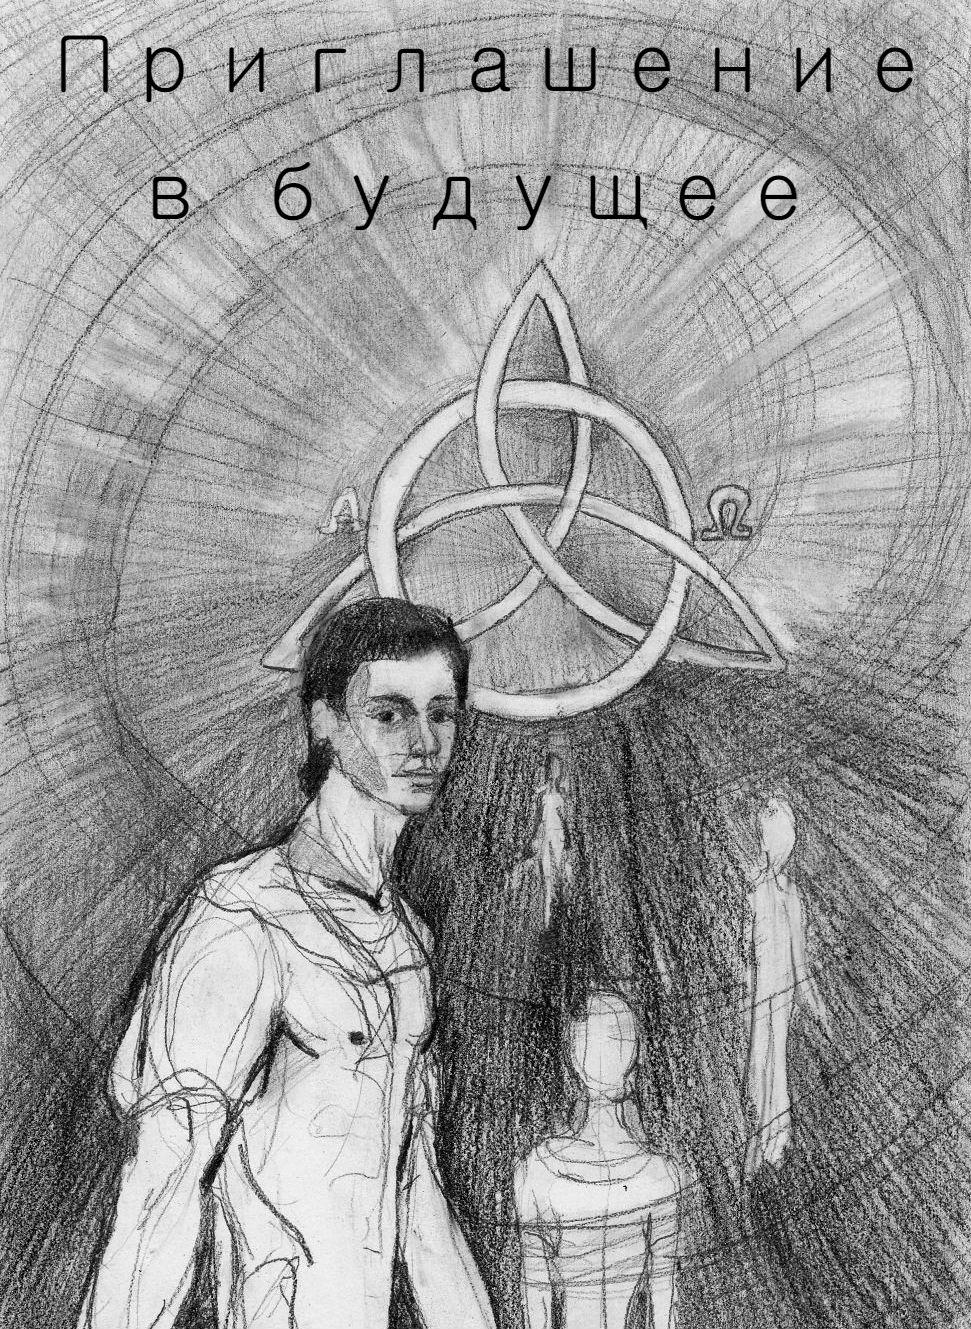 23 чёрно-белые и 1 цветная иллюстрация для книги (конкурс) фото f_84659bfad8b99e4c.jpg